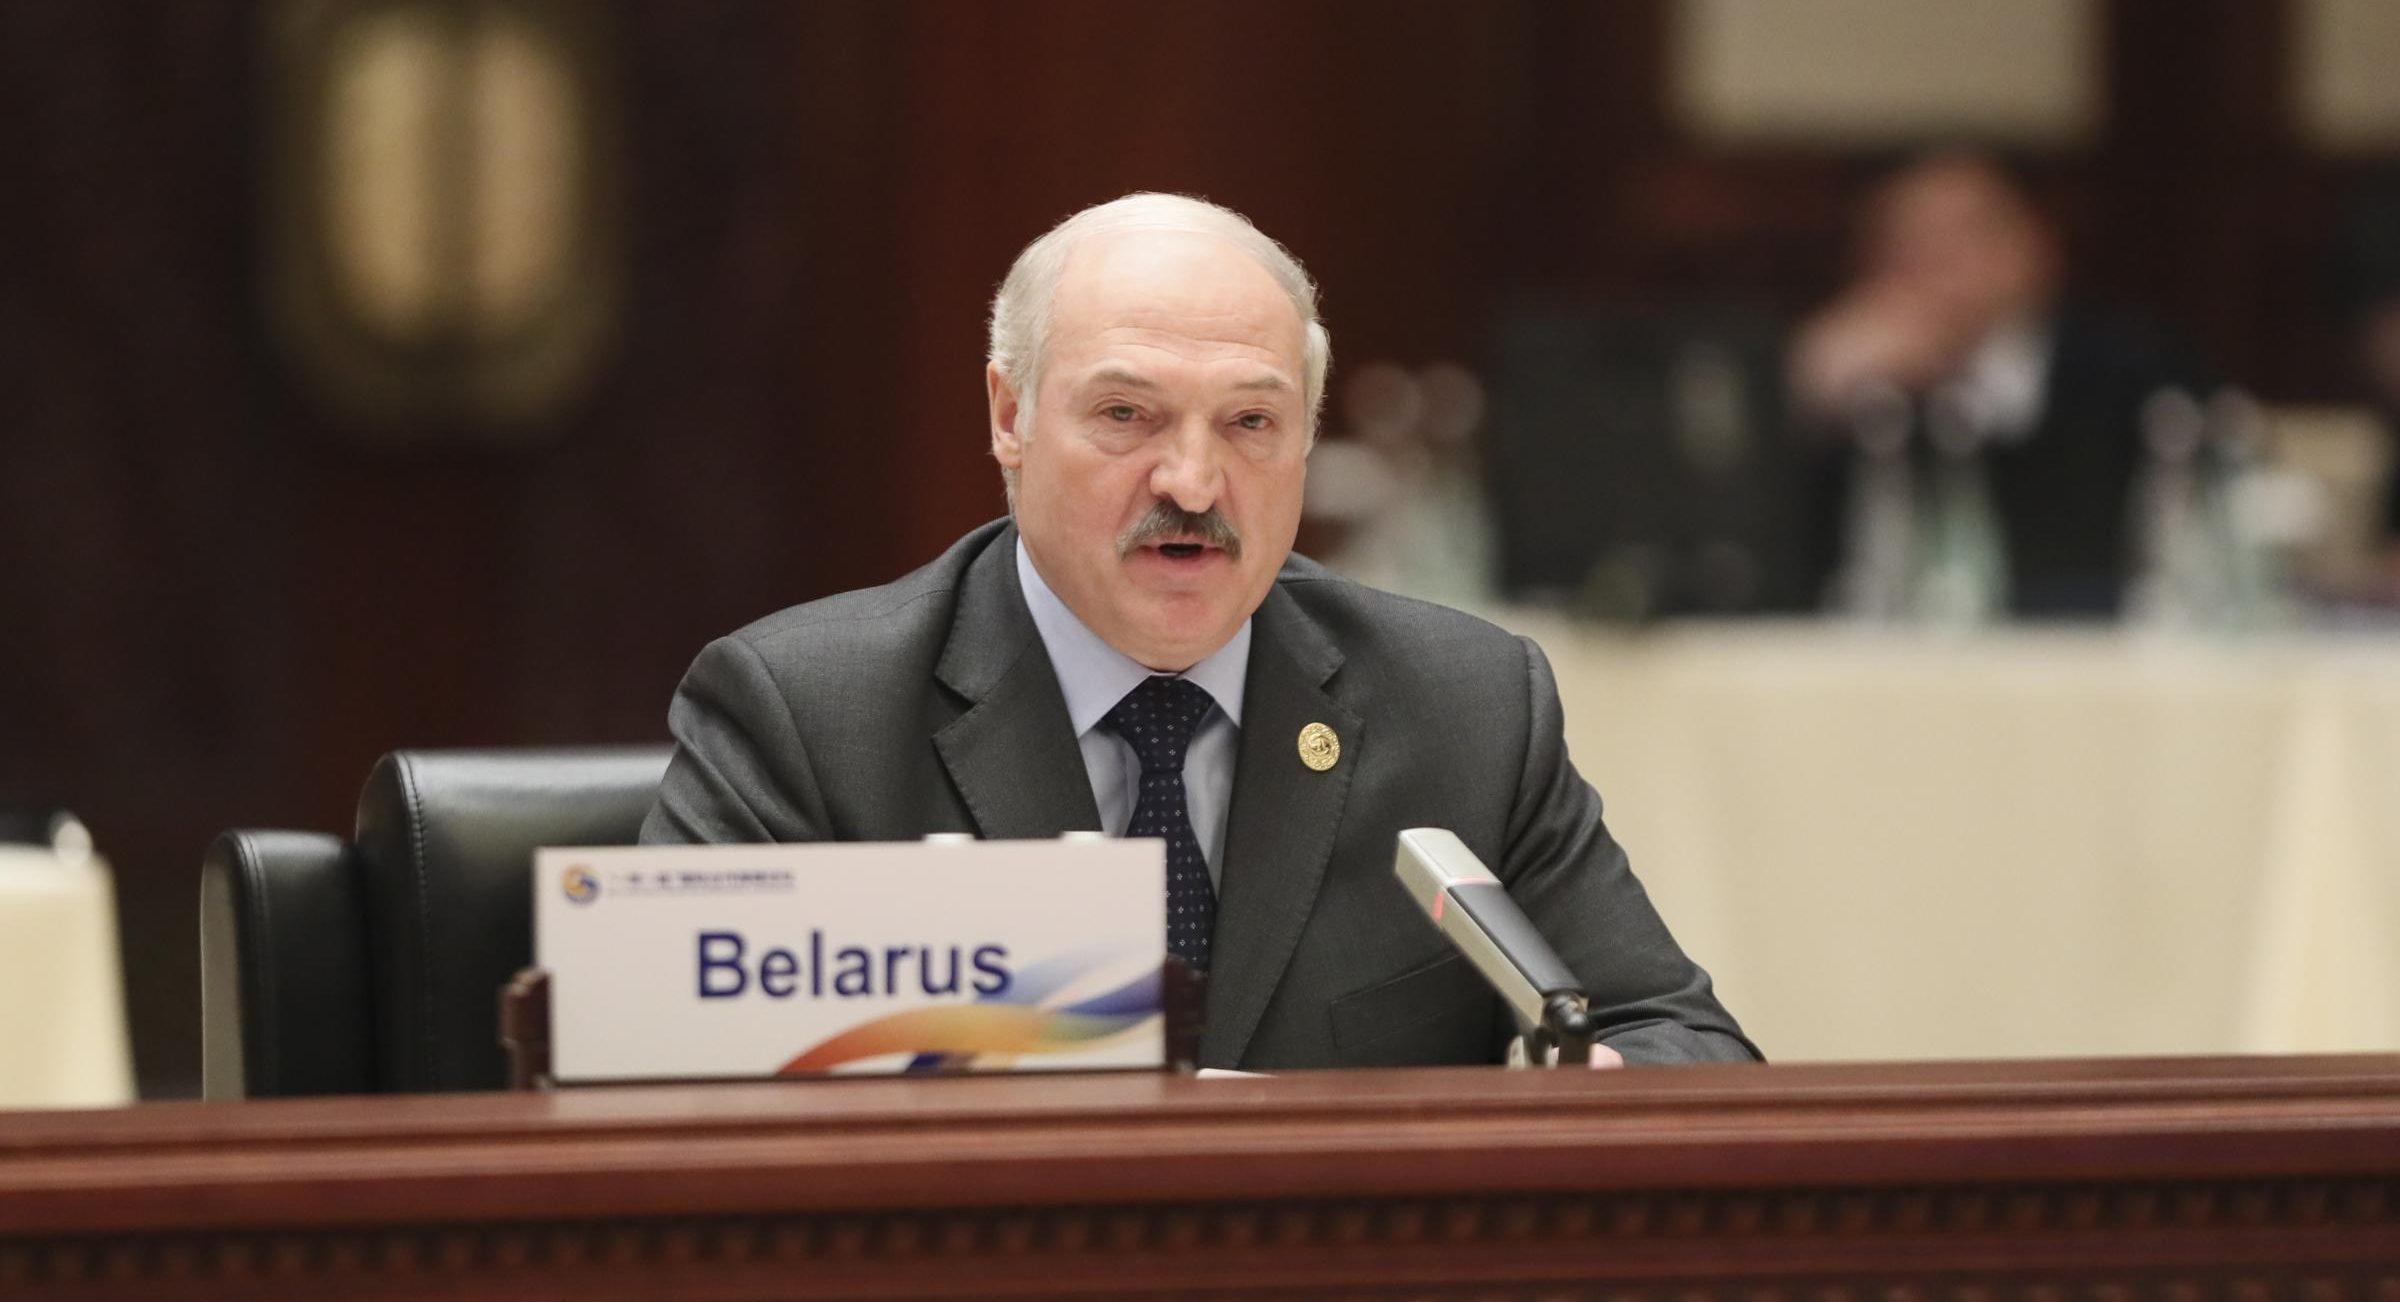 La Bielorussia nel caos blocca Internet. Basta un click per spegnere il dissenso